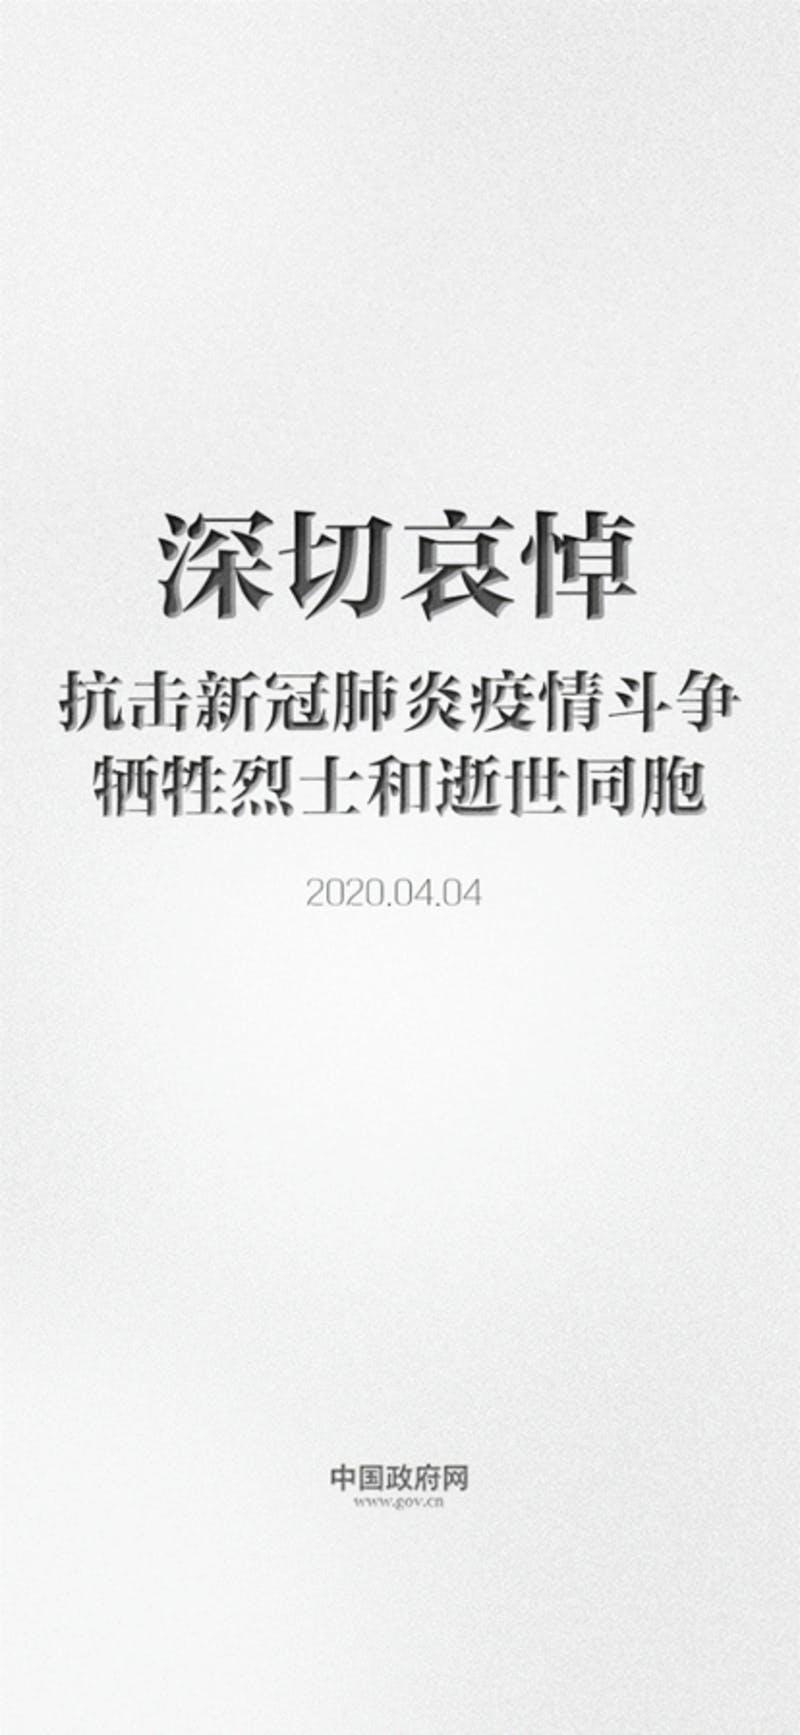 ▲中華人民共和国中央人民政府サイト